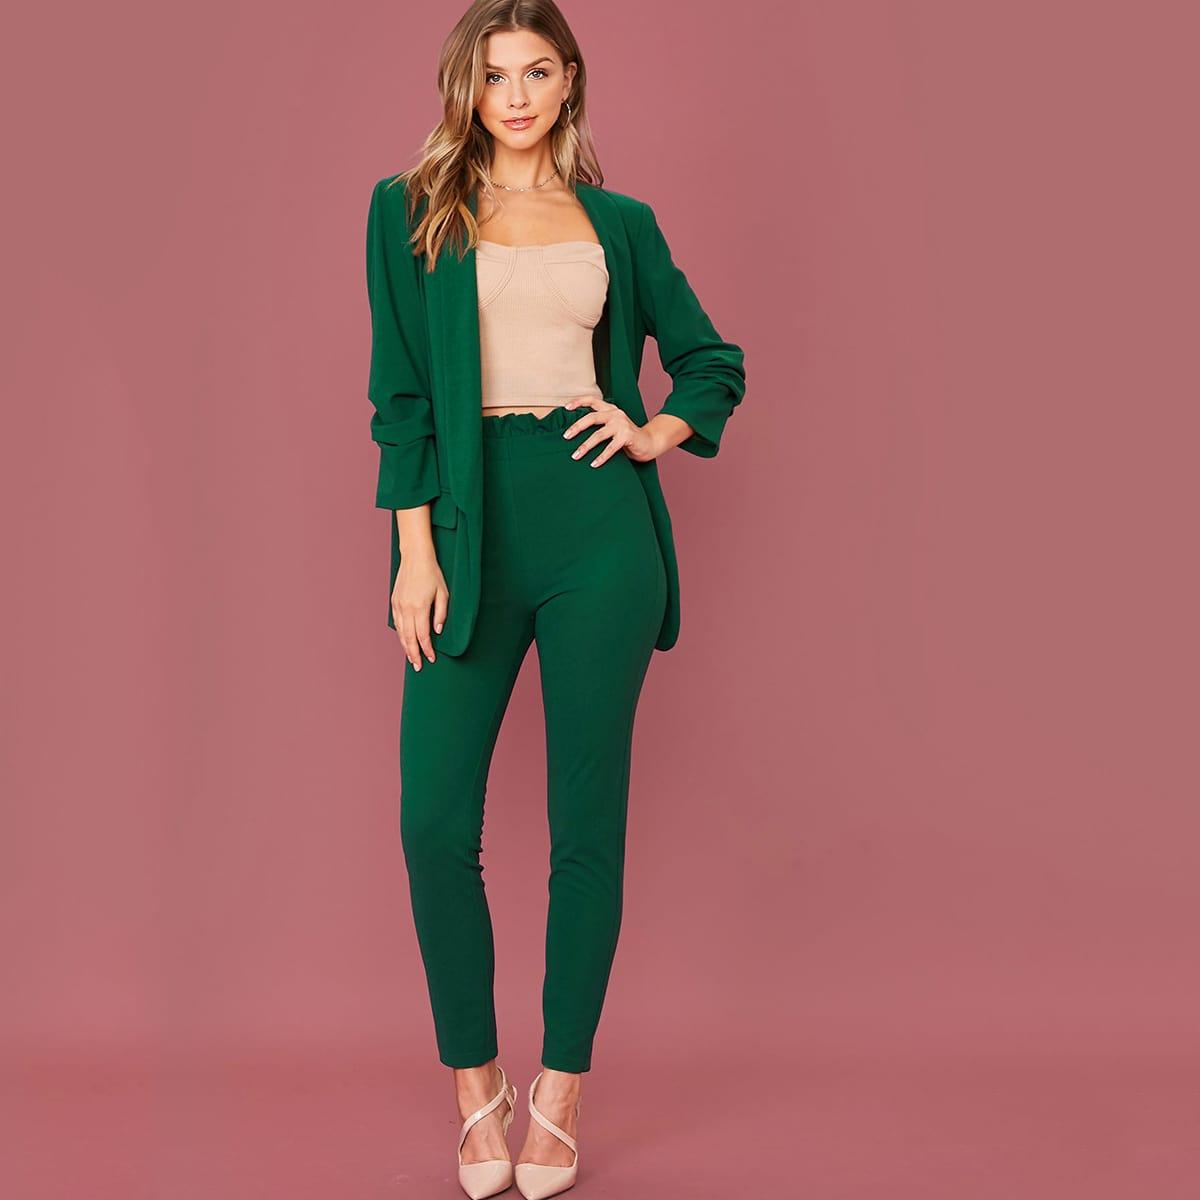 Однотонный пиджак и брюки с присборенной талией